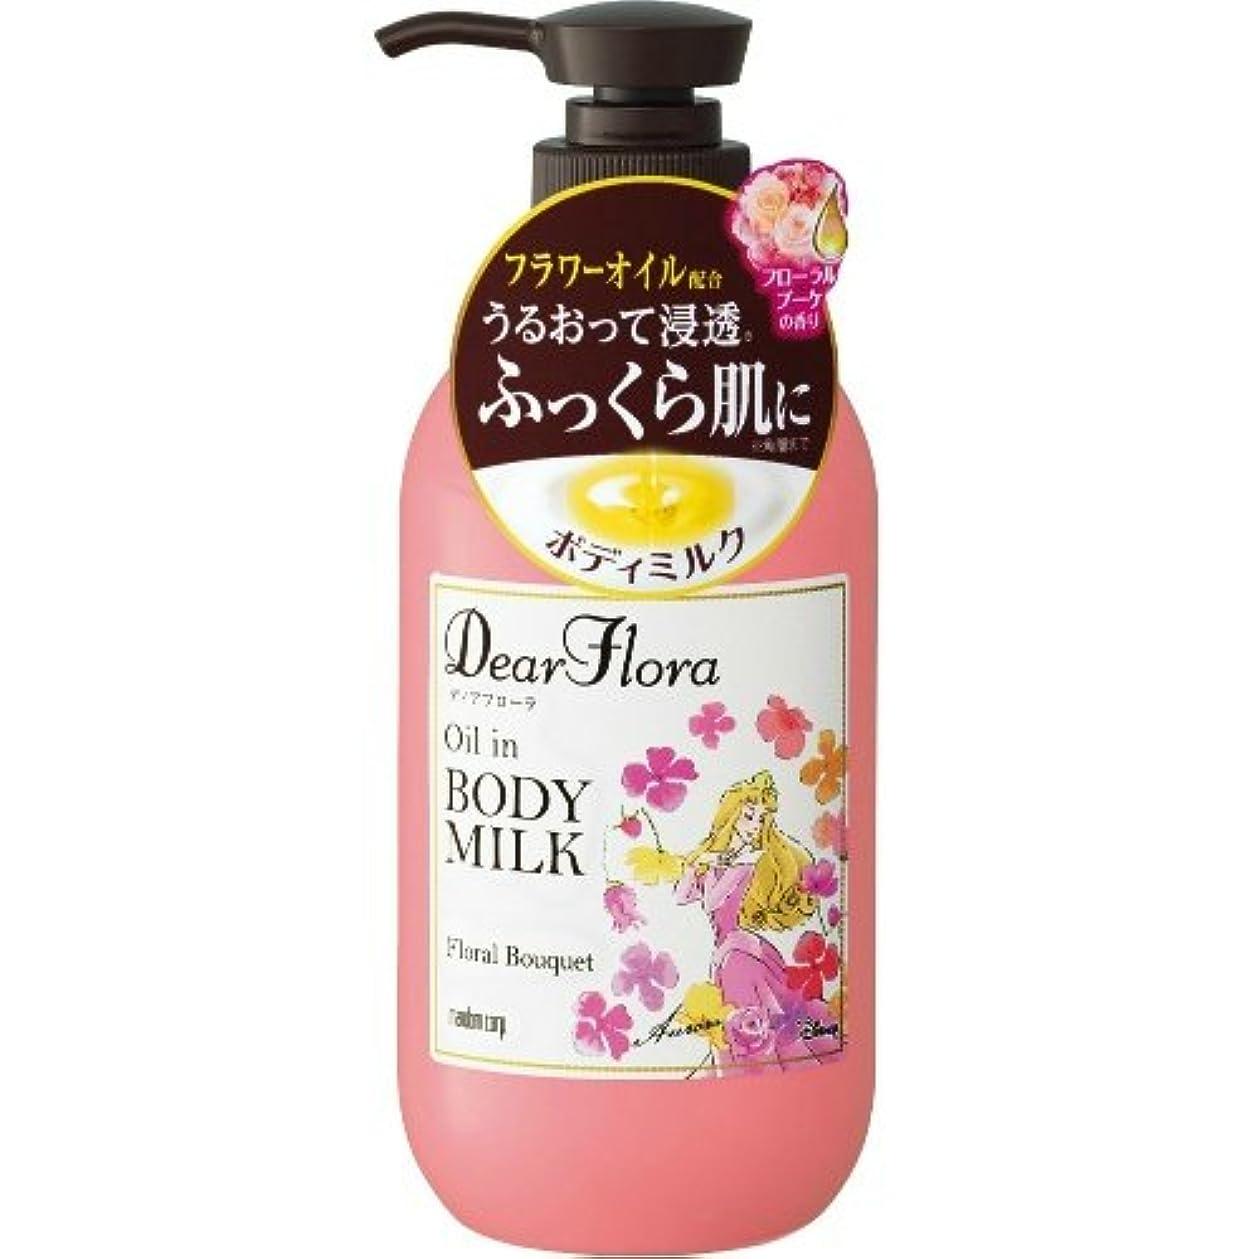 デンマーク語尋ねる起きろMANDOM マンダム ディアフローラ オイルインボディミルク フローラルブーケの香り 240ml ×024点セット(4902806105414)